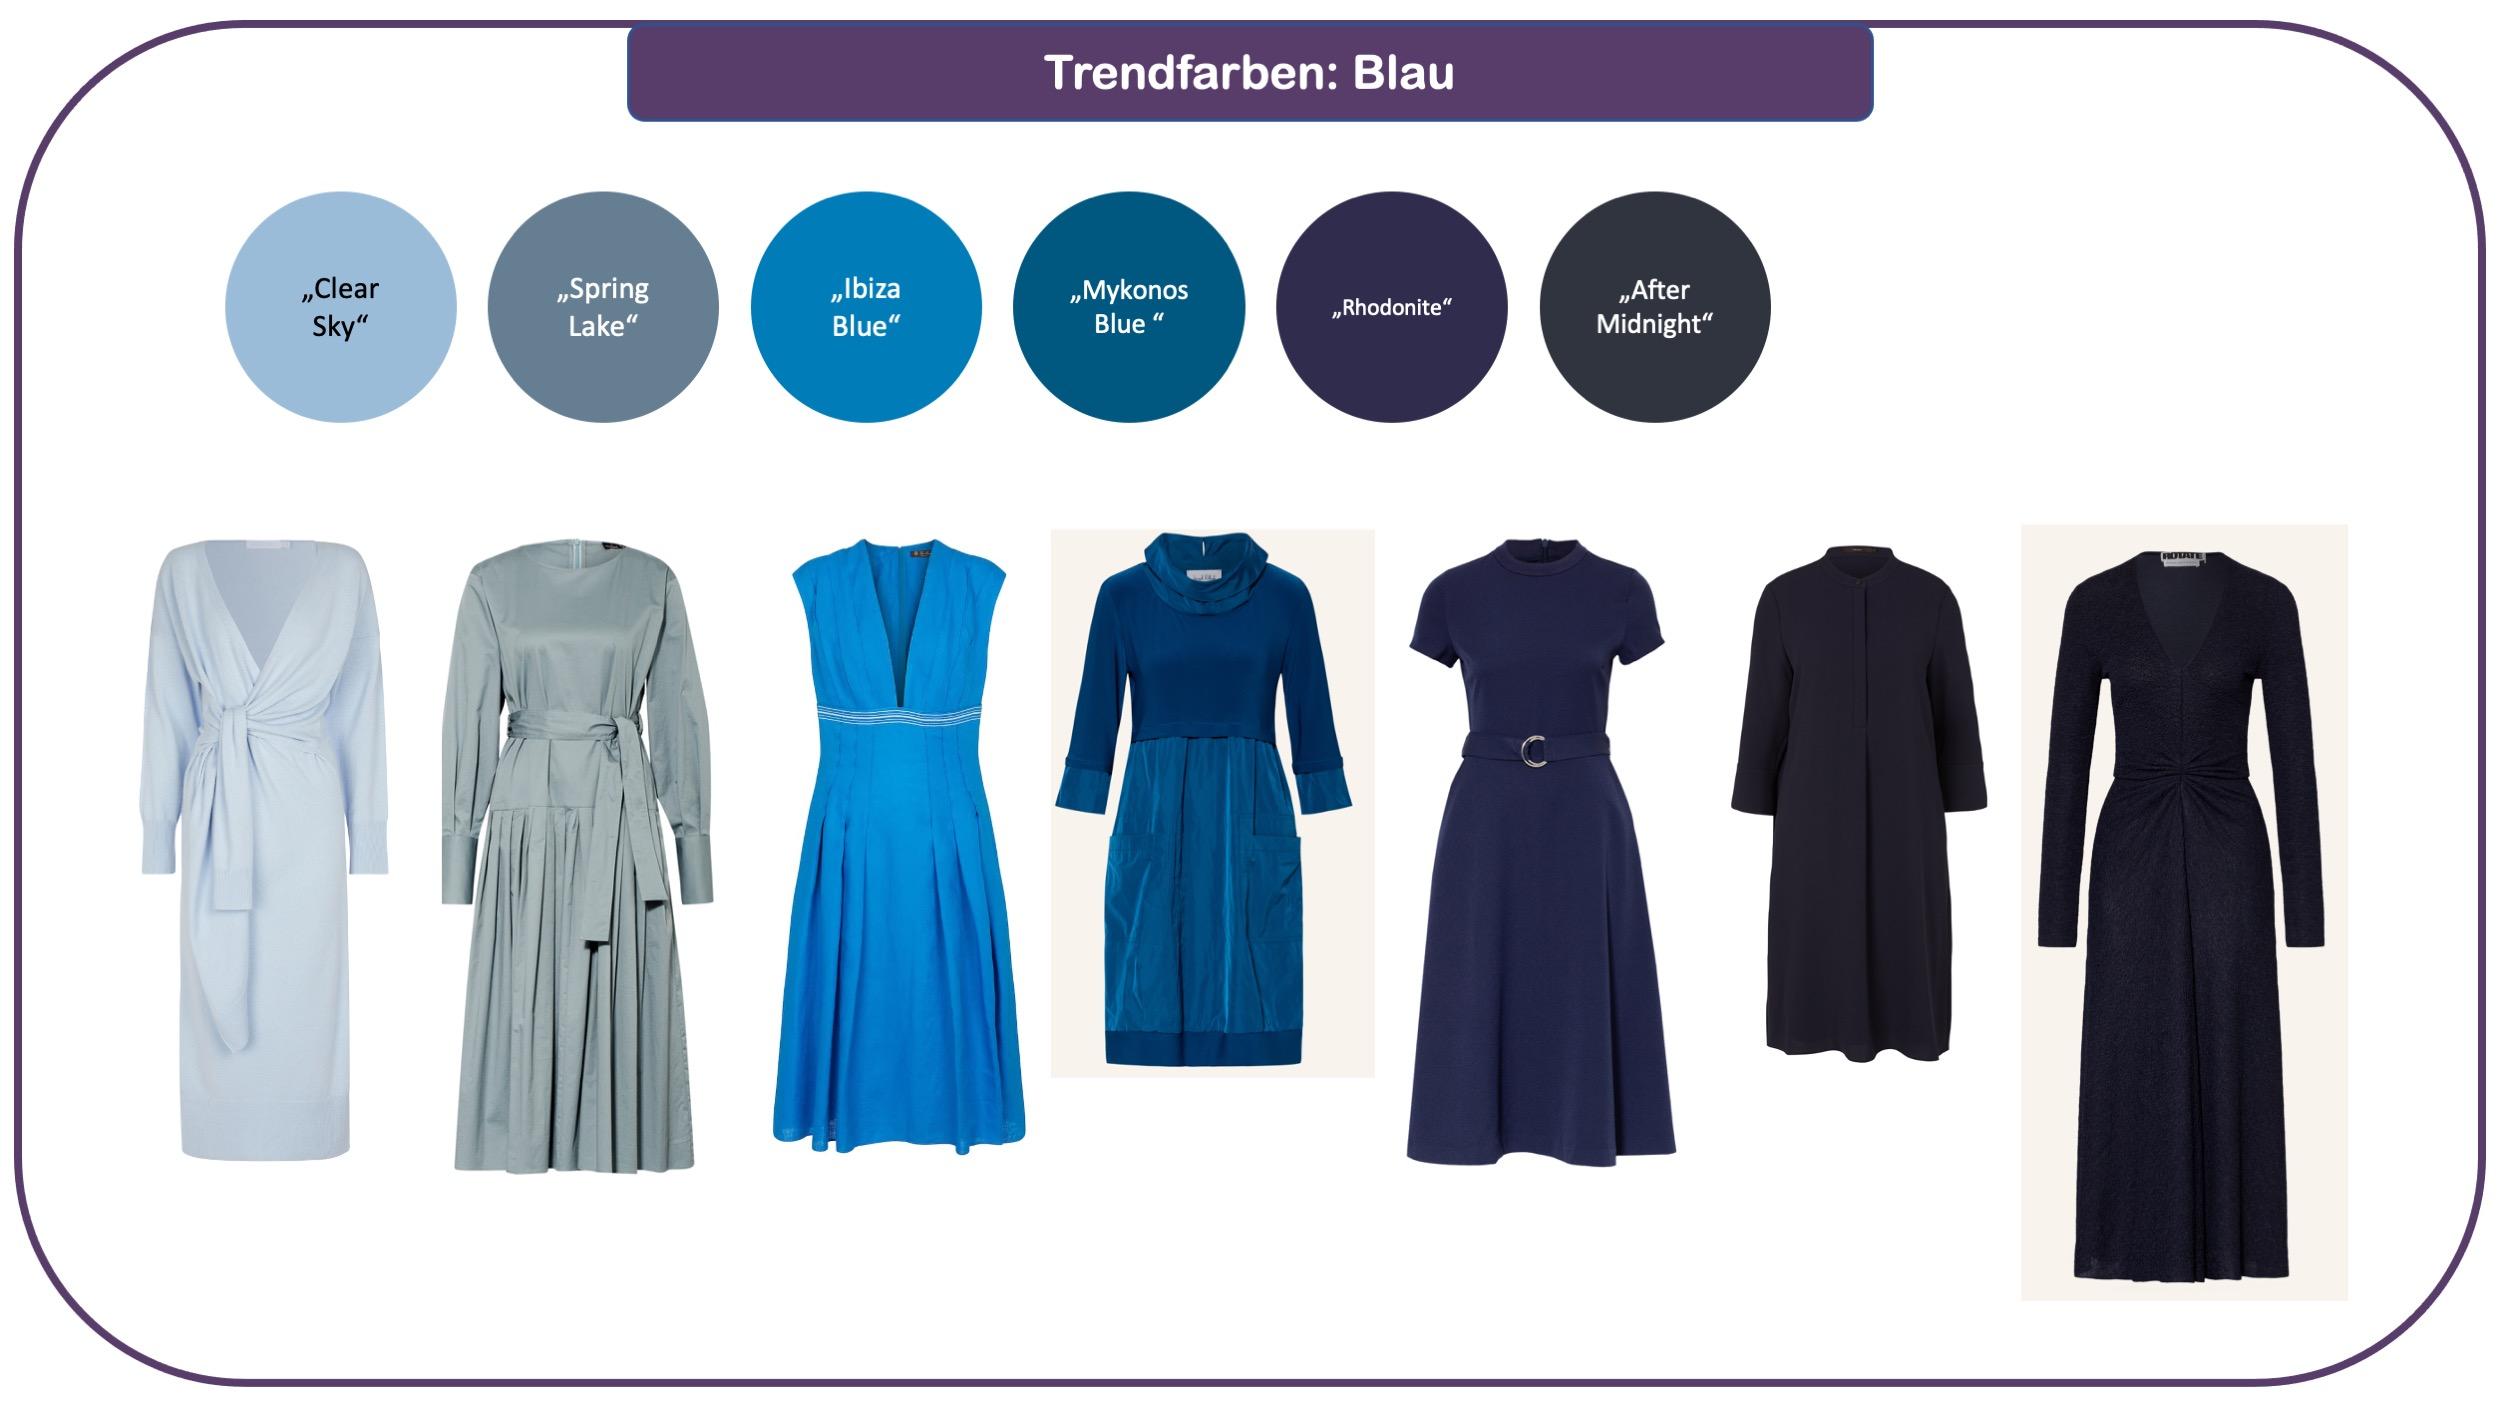 Trendfarben für Herbst und Winter 2021/22: Blau-Nuancen